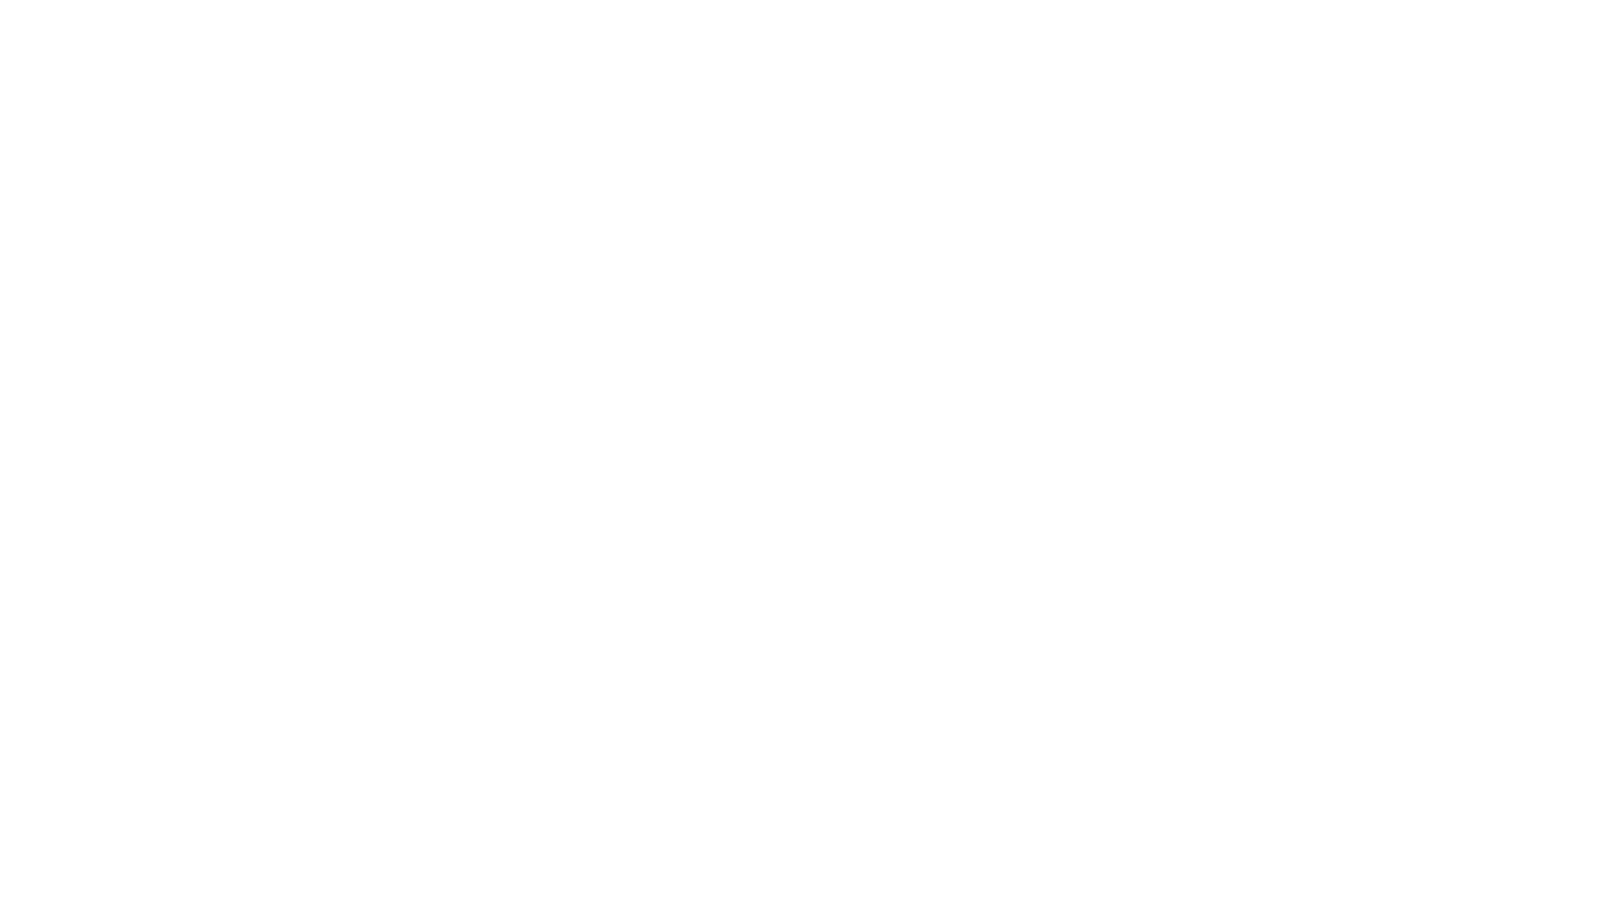 産科医が教える赤ちゃんのための妊婦食 宗田 哲男  (著), 渡邉 美里 (イラスト)     著者略歴 (「BOOK著者紹介情報」より) 宗田 哲男 様  産婦人科医。北海道大学理学部地質学鉱物学科卒業後、国際航業に入社、地質調査などに従事。  その後、医師を志し帝京大学医学部へ入学。  卒業後は小豆沢病院、立川相互病院勤務を経て、1992年に千葉県市原市に宗田マタニティクリニックを開院。  2008年に2型糖尿病を発症するが、糖質制限で劇的に改善、5カ月で15kg減量することにも成功。  その経験から、妊娠糖尿病や糖尿病合併妊娠の患者にも糖質制限の指導をスタート。  2013年、世界で初めて妊婦、胎児、新生児にケトン体が高値で現れることを発表。  さらに2017年には糖質制限食による妊娠糖尿病の改善率約9割という実績を発表。  全国の妊娠糖尿病患者の駆け込み寺となっている。